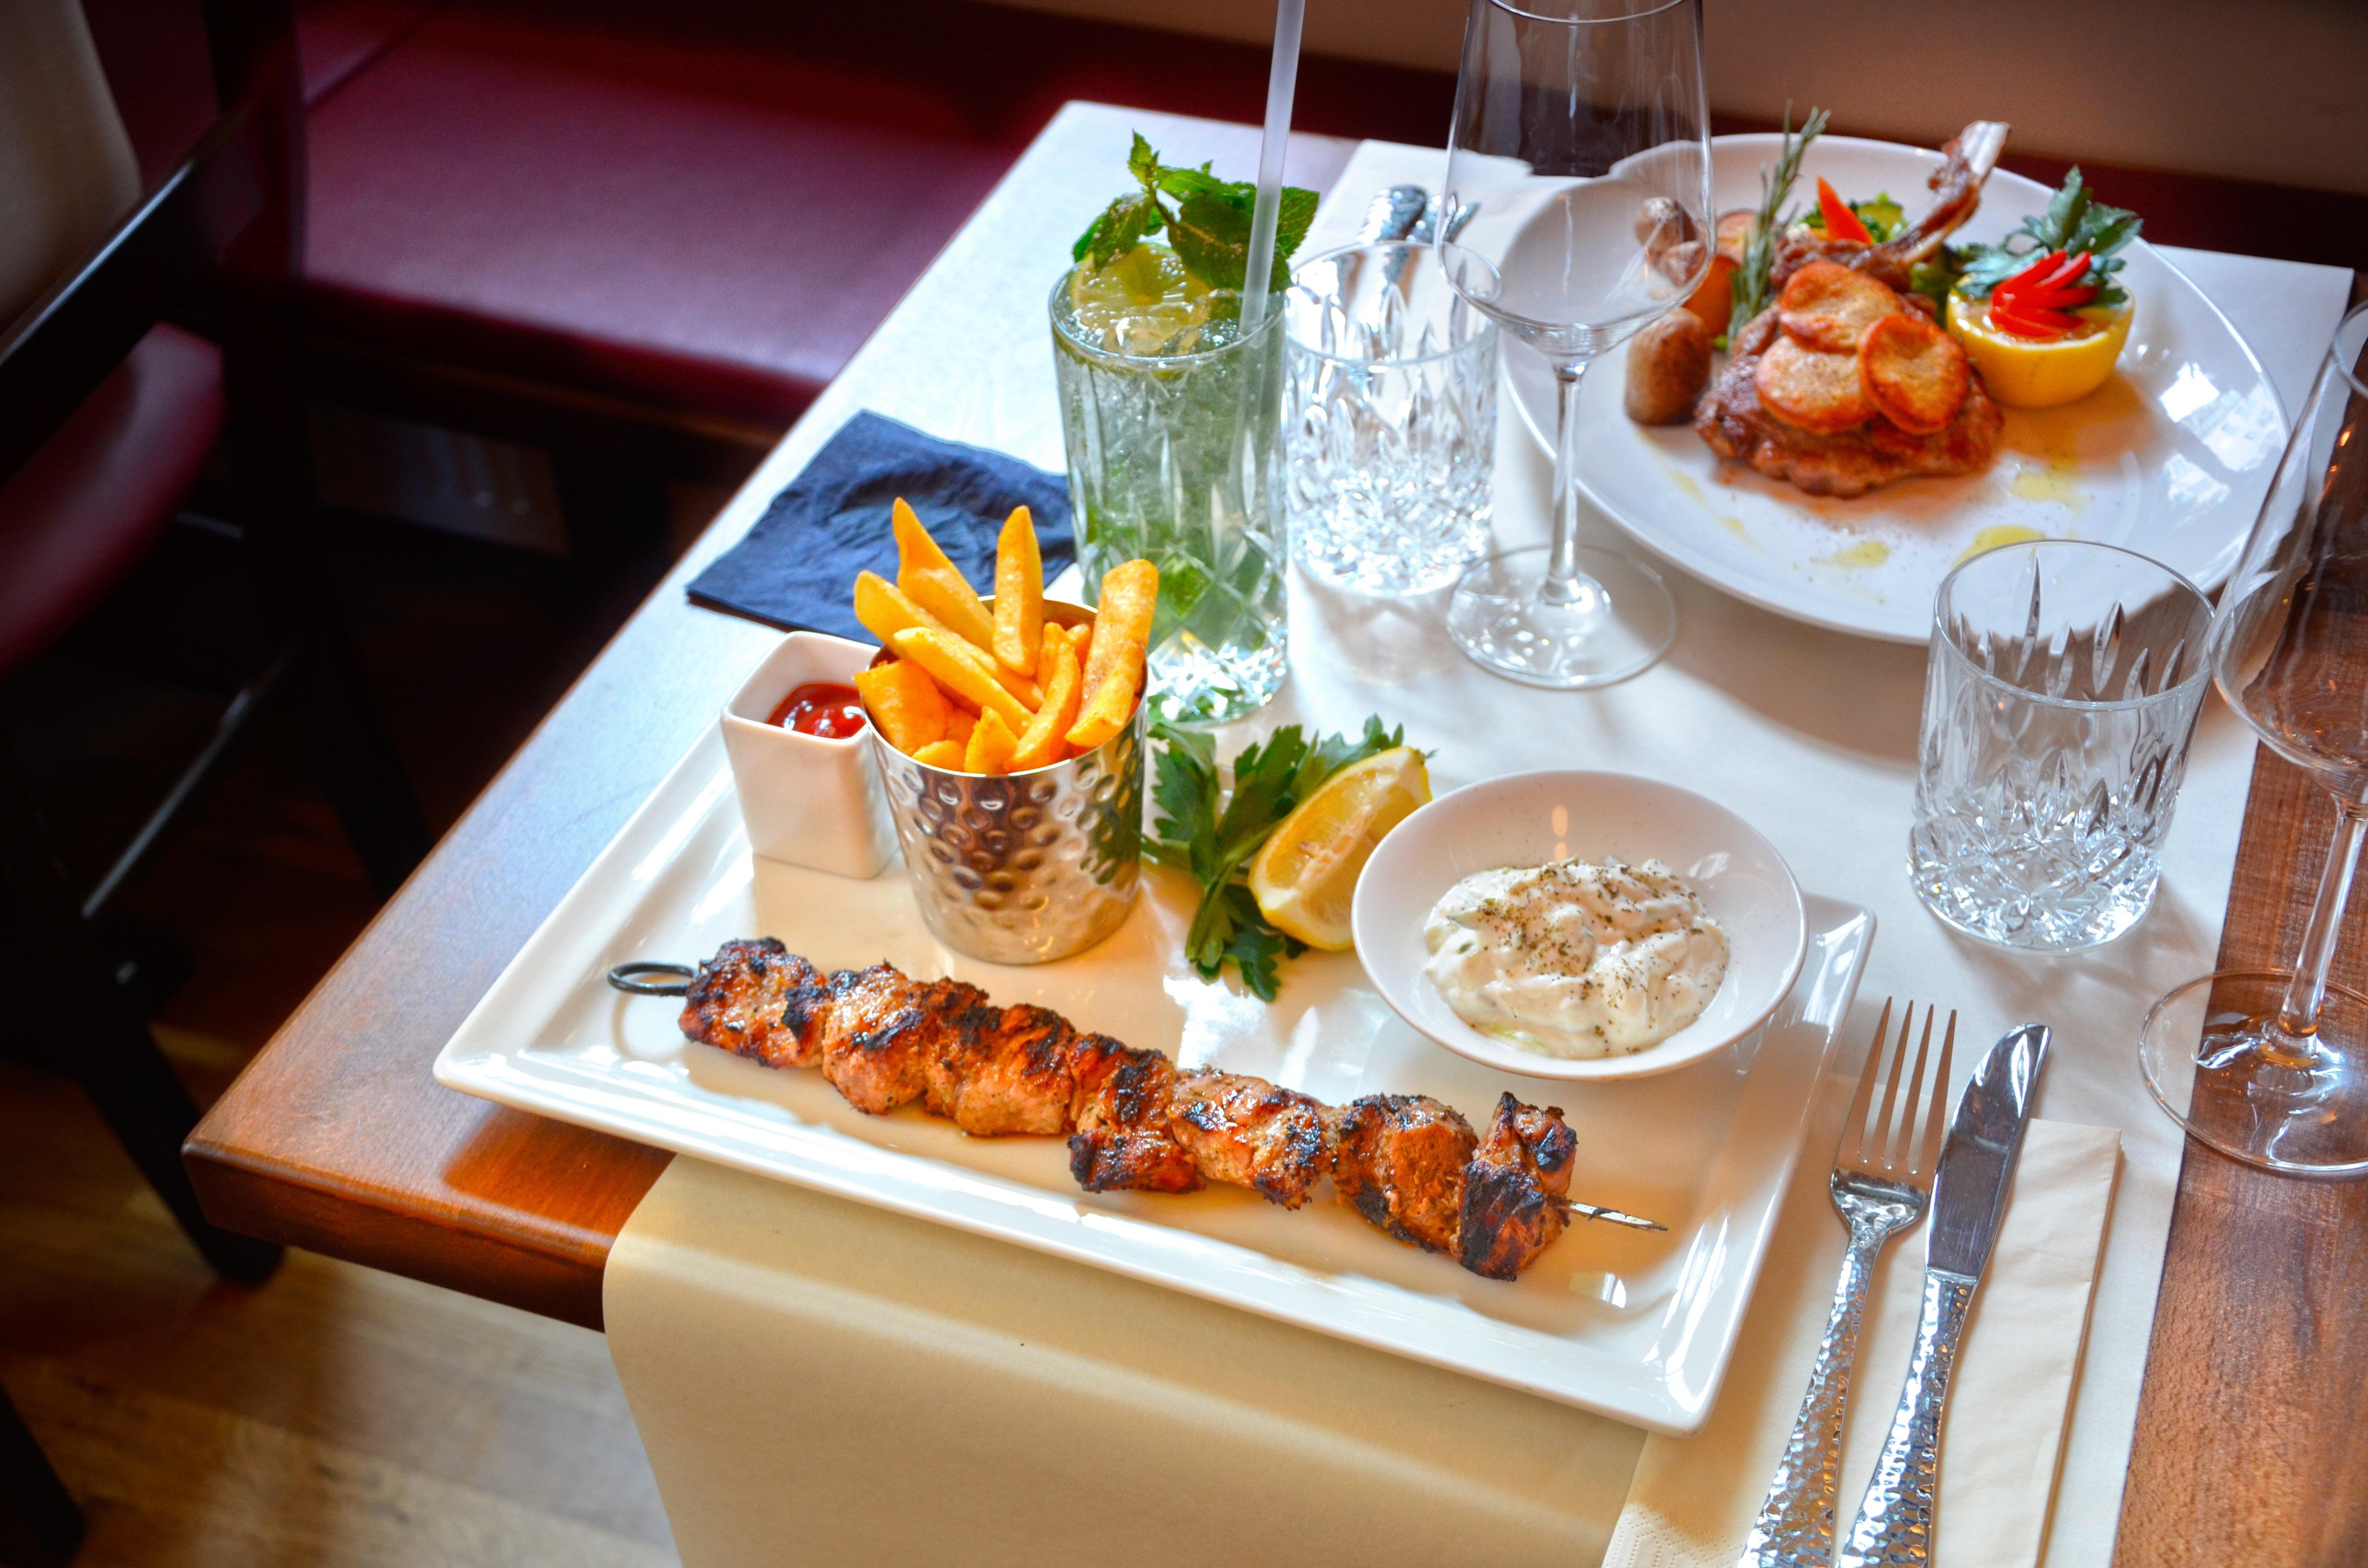 фото и картинки ужин в ресторане вот его